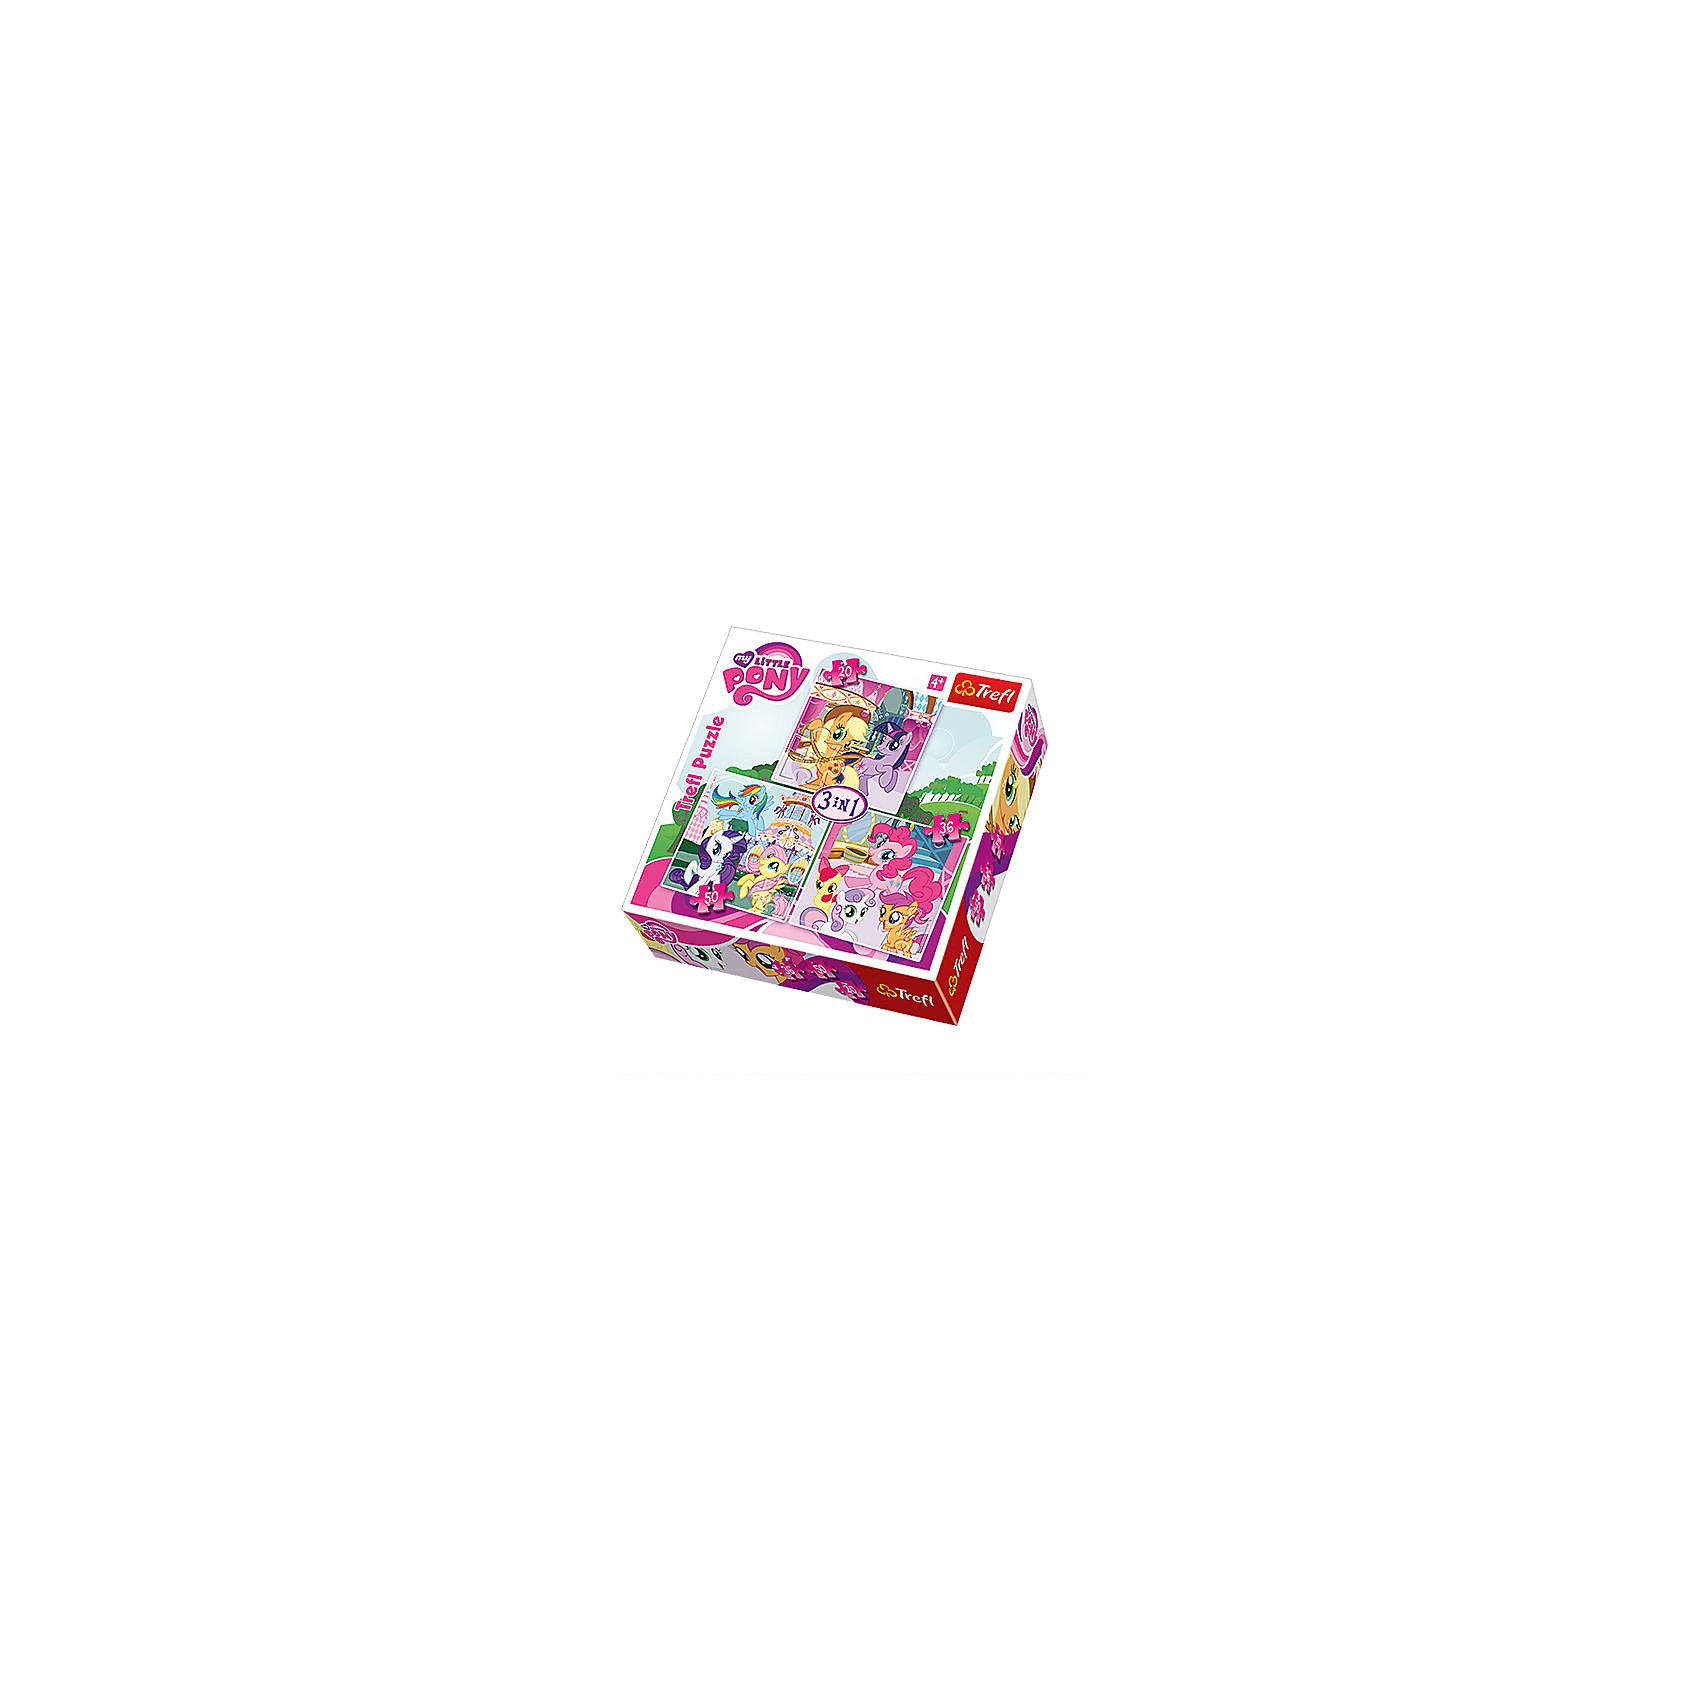 Набор пазлов 3 в 1 Моя маленькая Пони, 20*36*50 деталей, TreflКлассические пазлы<br>Характеристики товара:<br><br>• возраст от 4 лет;<br>• материал: картон;<br>• в наборе: 1 пазл на 20 деталей, 1 пазл на 36 деталей, 1 пазл на 50 деталей;<br>• размер упаковки 28х28х6,2 см;<br>• вес упаковки 570 г.;<br>• страна производитель Польша.<br><br>Набор пазлов 3 в 1 «Моя маленькая пони» Trefl создан по мотивам известного мультфильма «My Little Pony». В наборе 3 пазла о приключениях любимых персонажей. Собирая пазл, у ребенка развиваются логическое мышление, внимательность к деталям, усидчивость. Все элементы выполнены из качественных материалов со специальным стойким покрытием.<br><br>Набор пазлов 3 в 1 «Моя маленькая пони» Trefl можно приобрести в нашем интернет-магазине<br><br>Ширина мм: 280<br>Глубина мм: 280<br>Высота мм: 62<br>Вес г: 570<br>Возраст от месяцев: 48<br>Возраст до месяцев: 2147483647<br>Пол: Женский<br>Возраст: Детский<br>SKU: 5578455